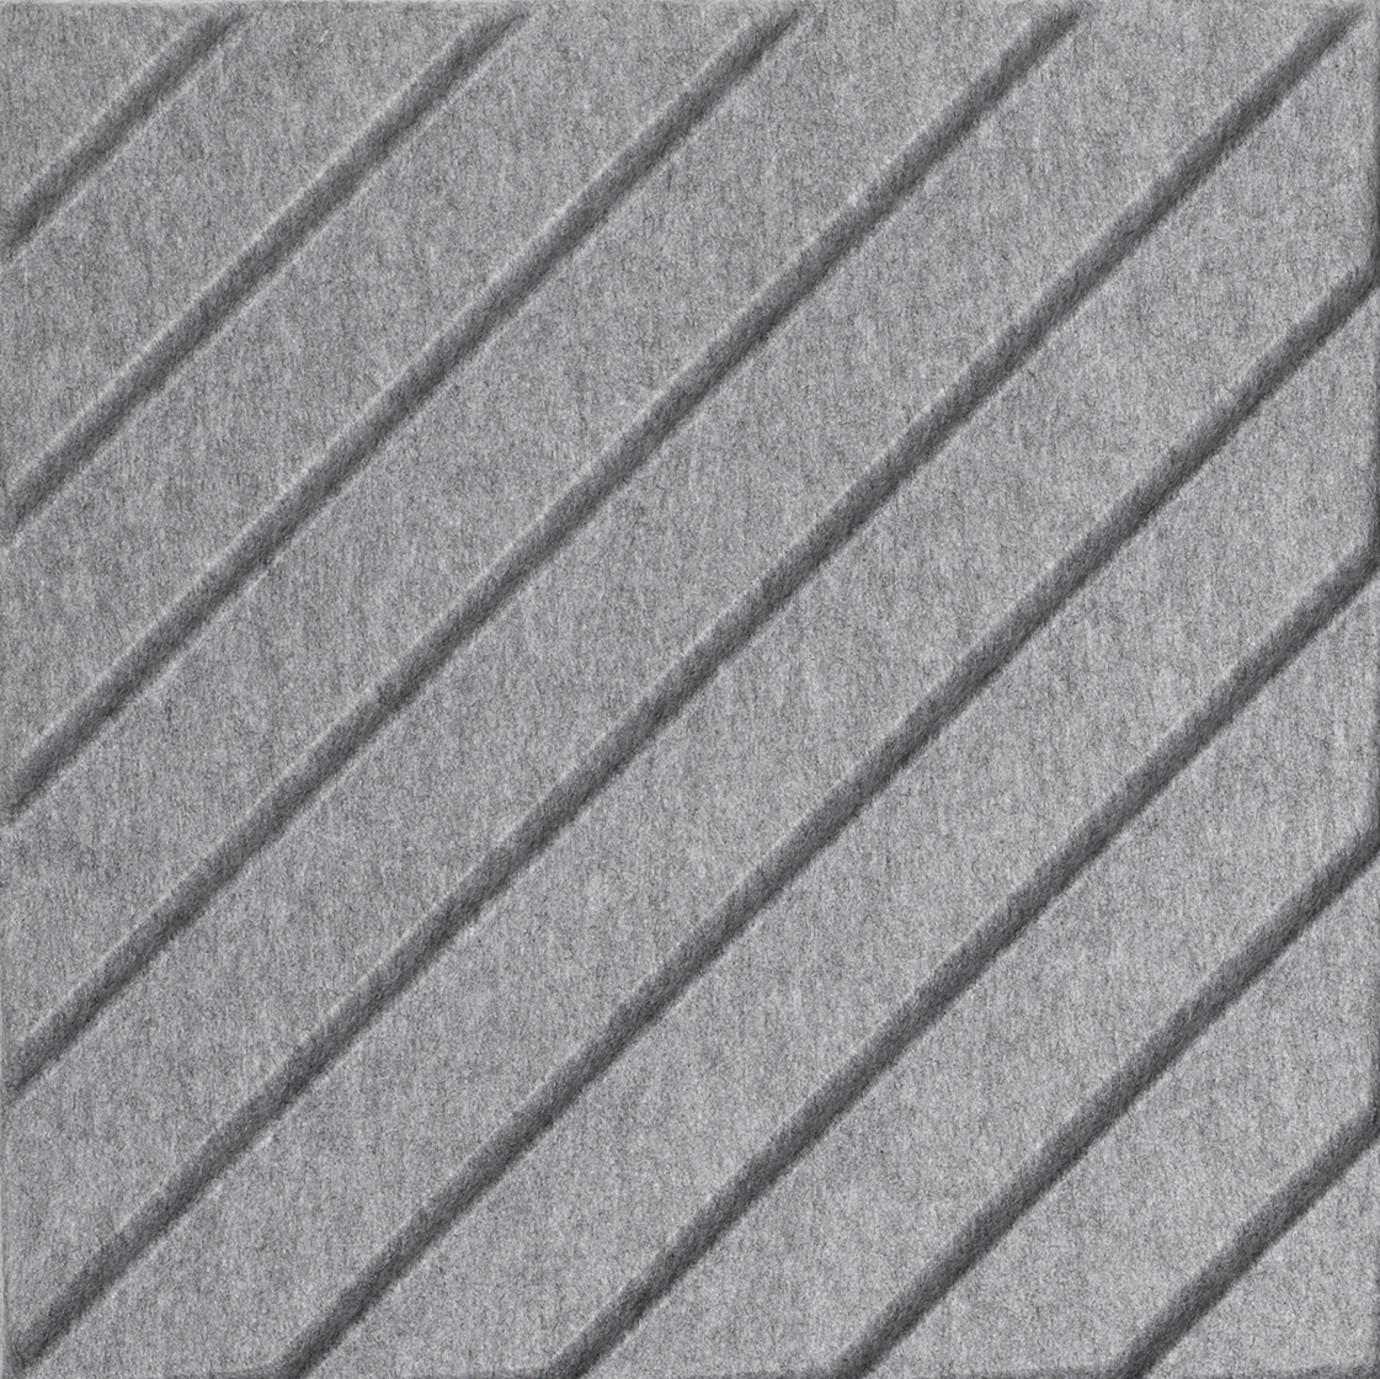 0-Control-Sonido-Paneles-Acusticos-Soundwave-Stripes-1380